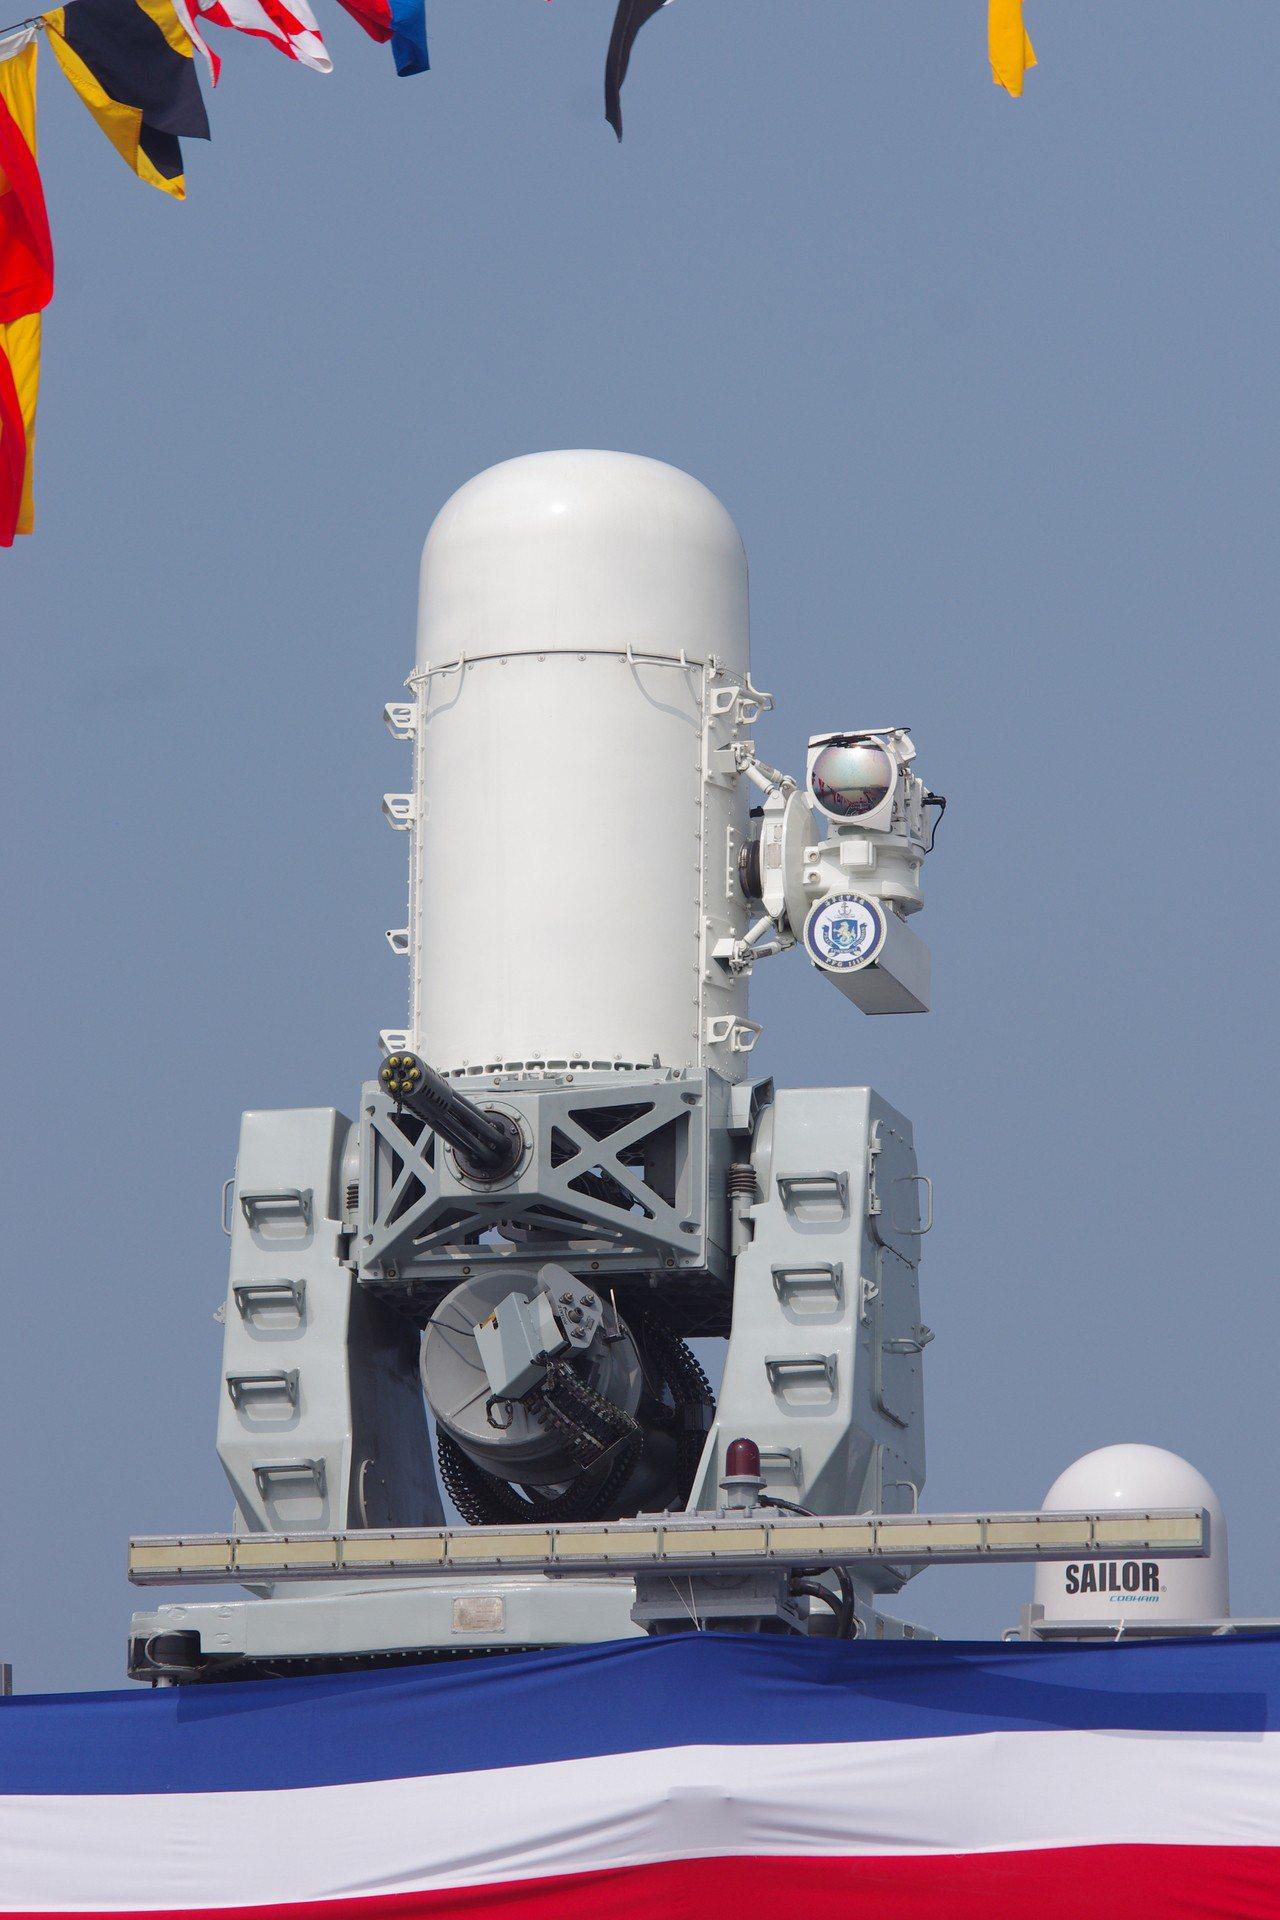 逢甲艦上的新款方陣快砲,雷達罩旁增加光電瞄準系統。記者程嘉文/攝影